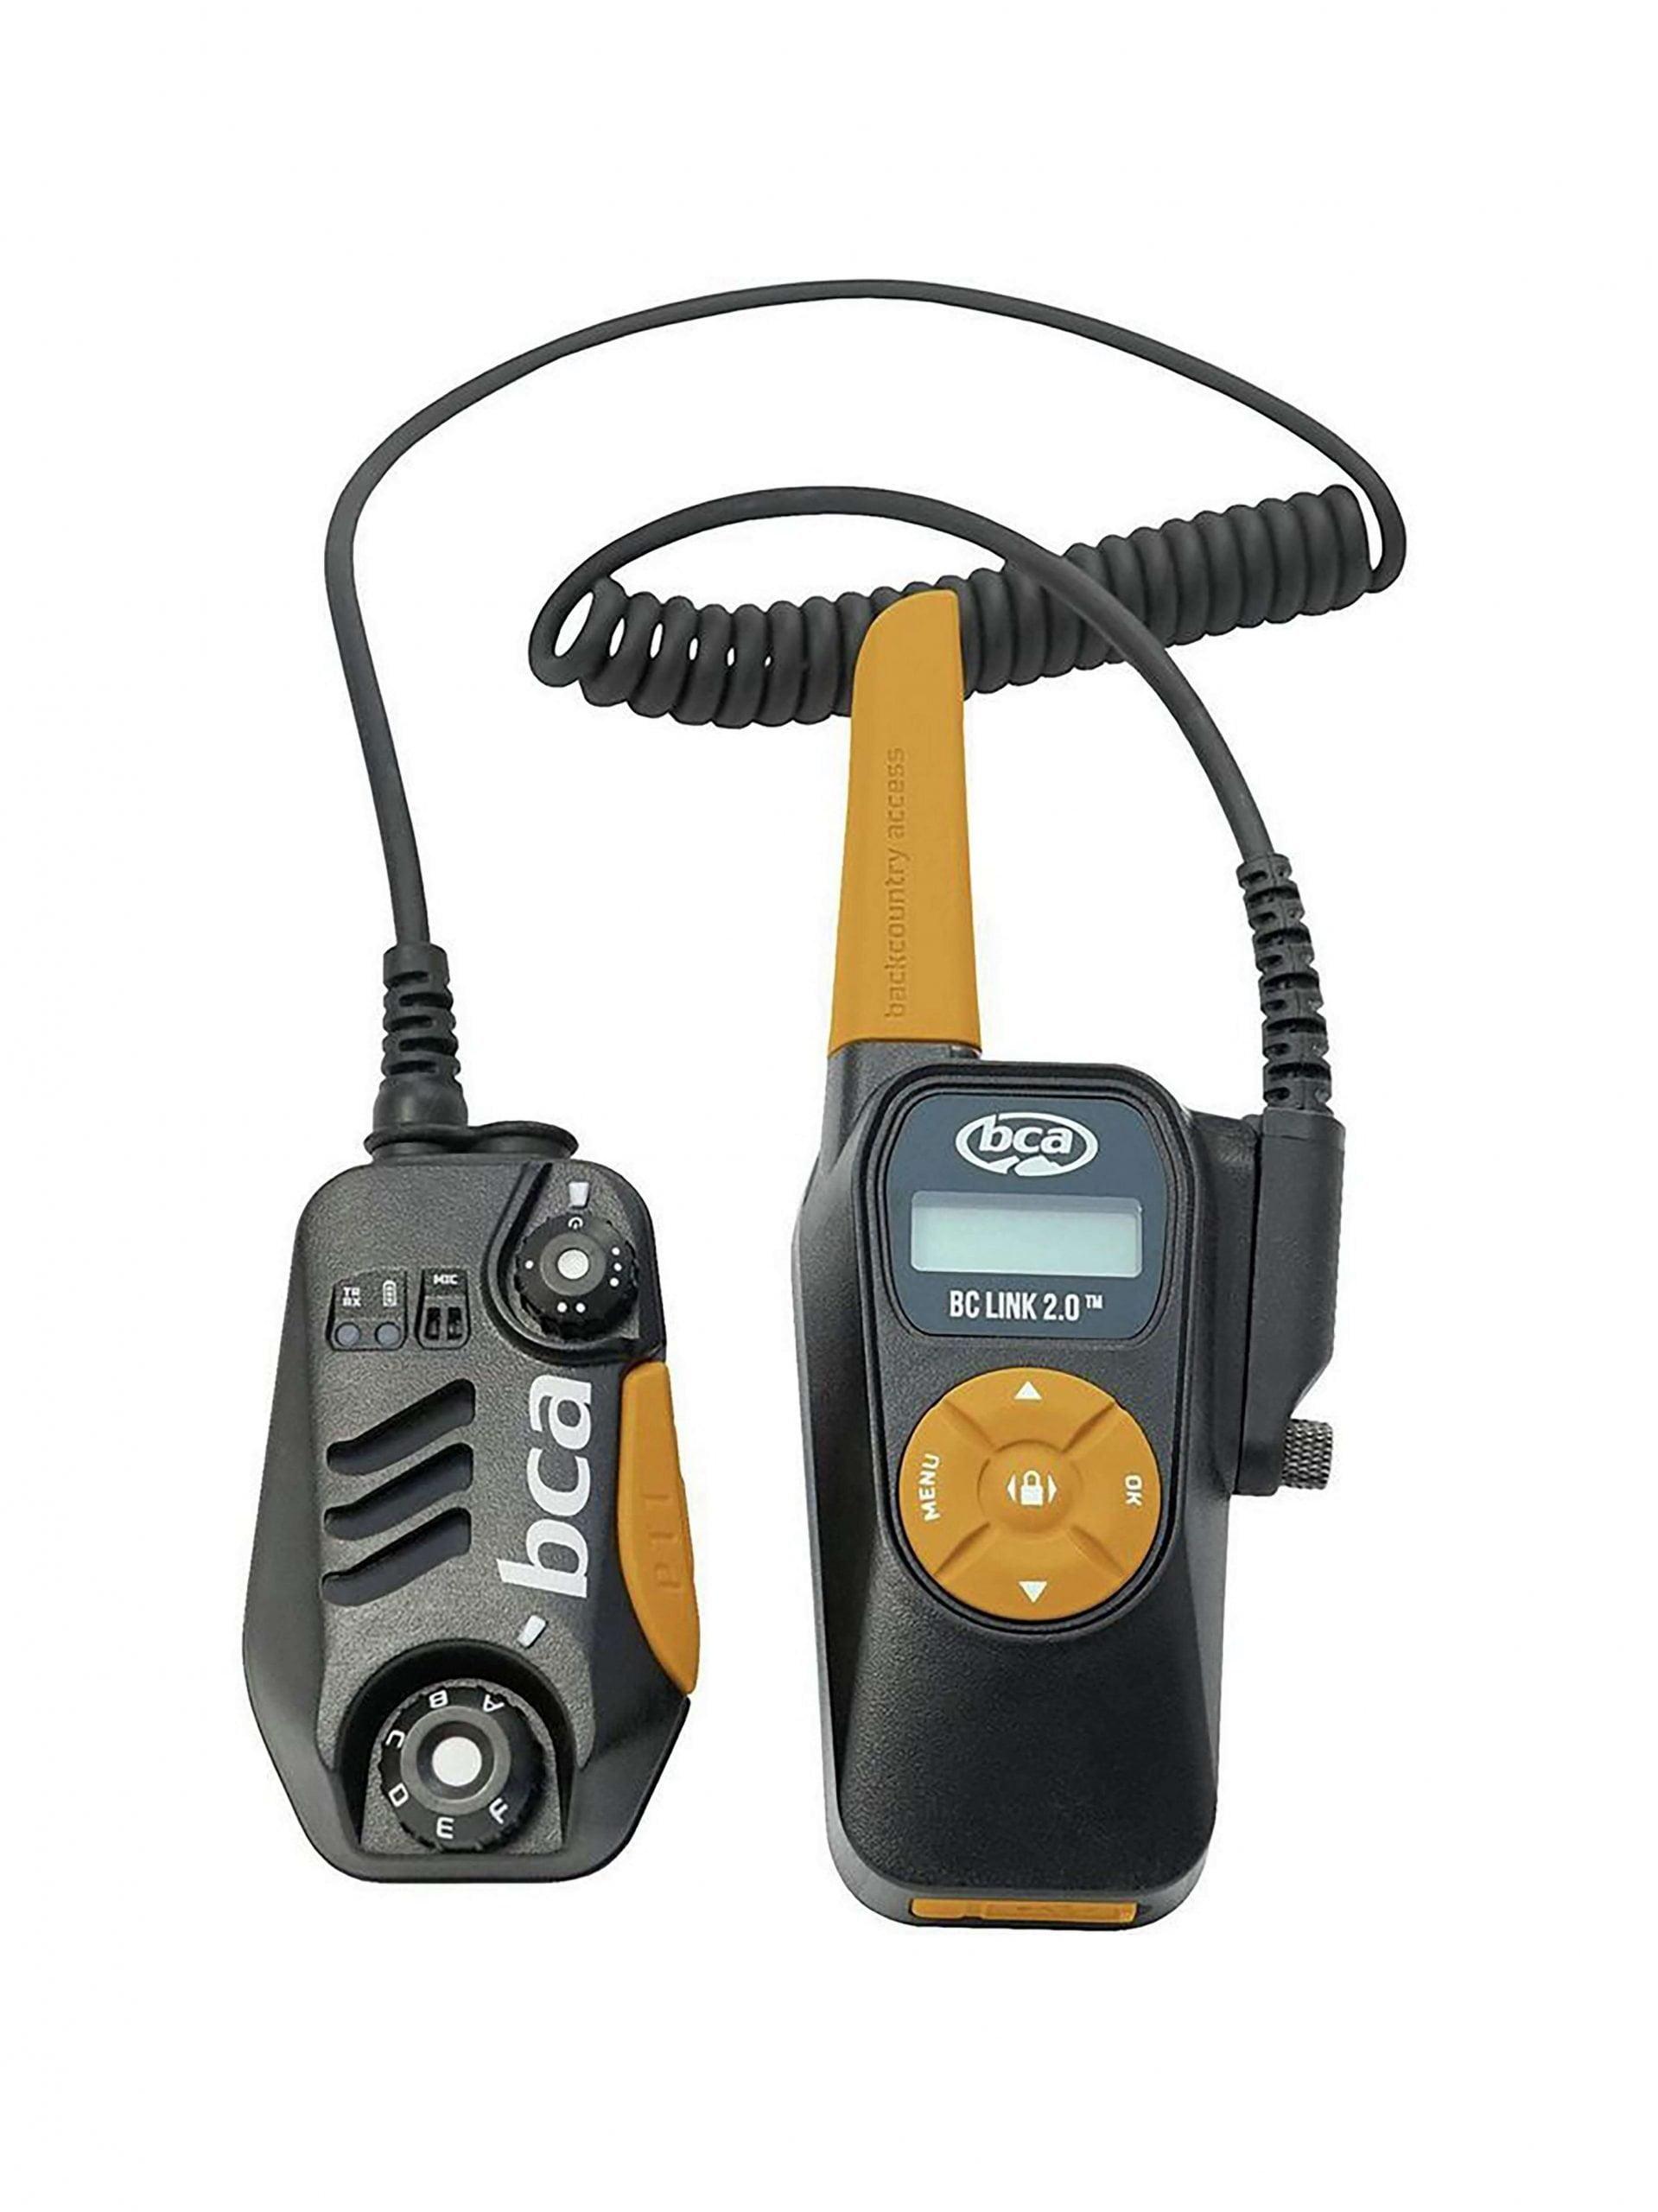 Radio BC Link 2.0 de BCA